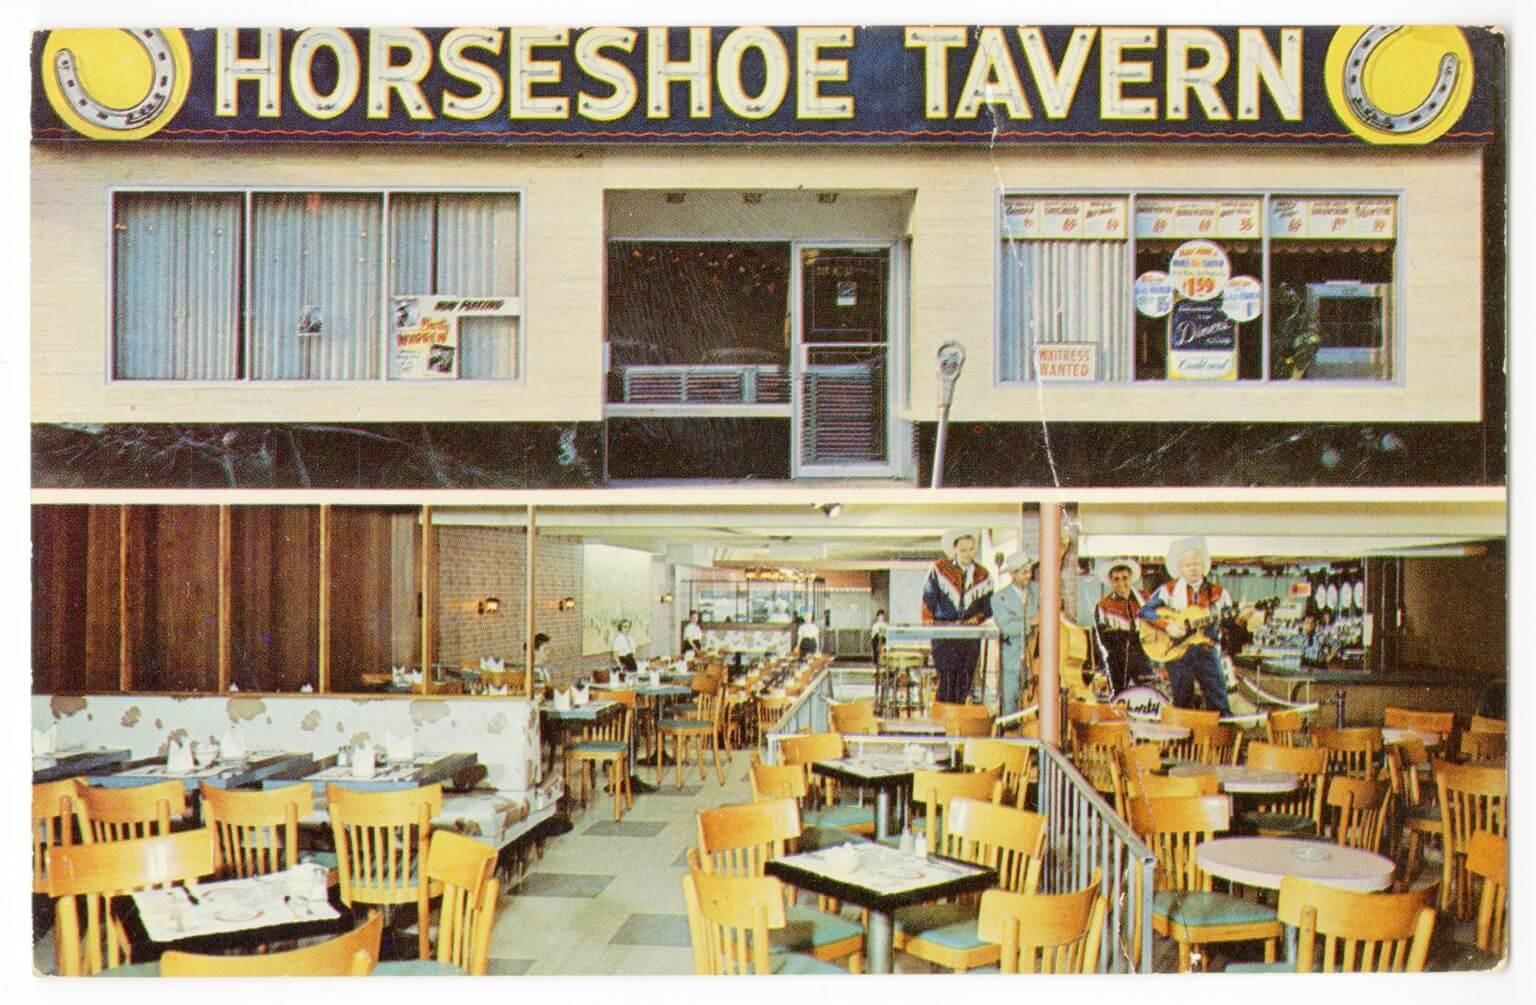 Horseshoe Tavern History Image